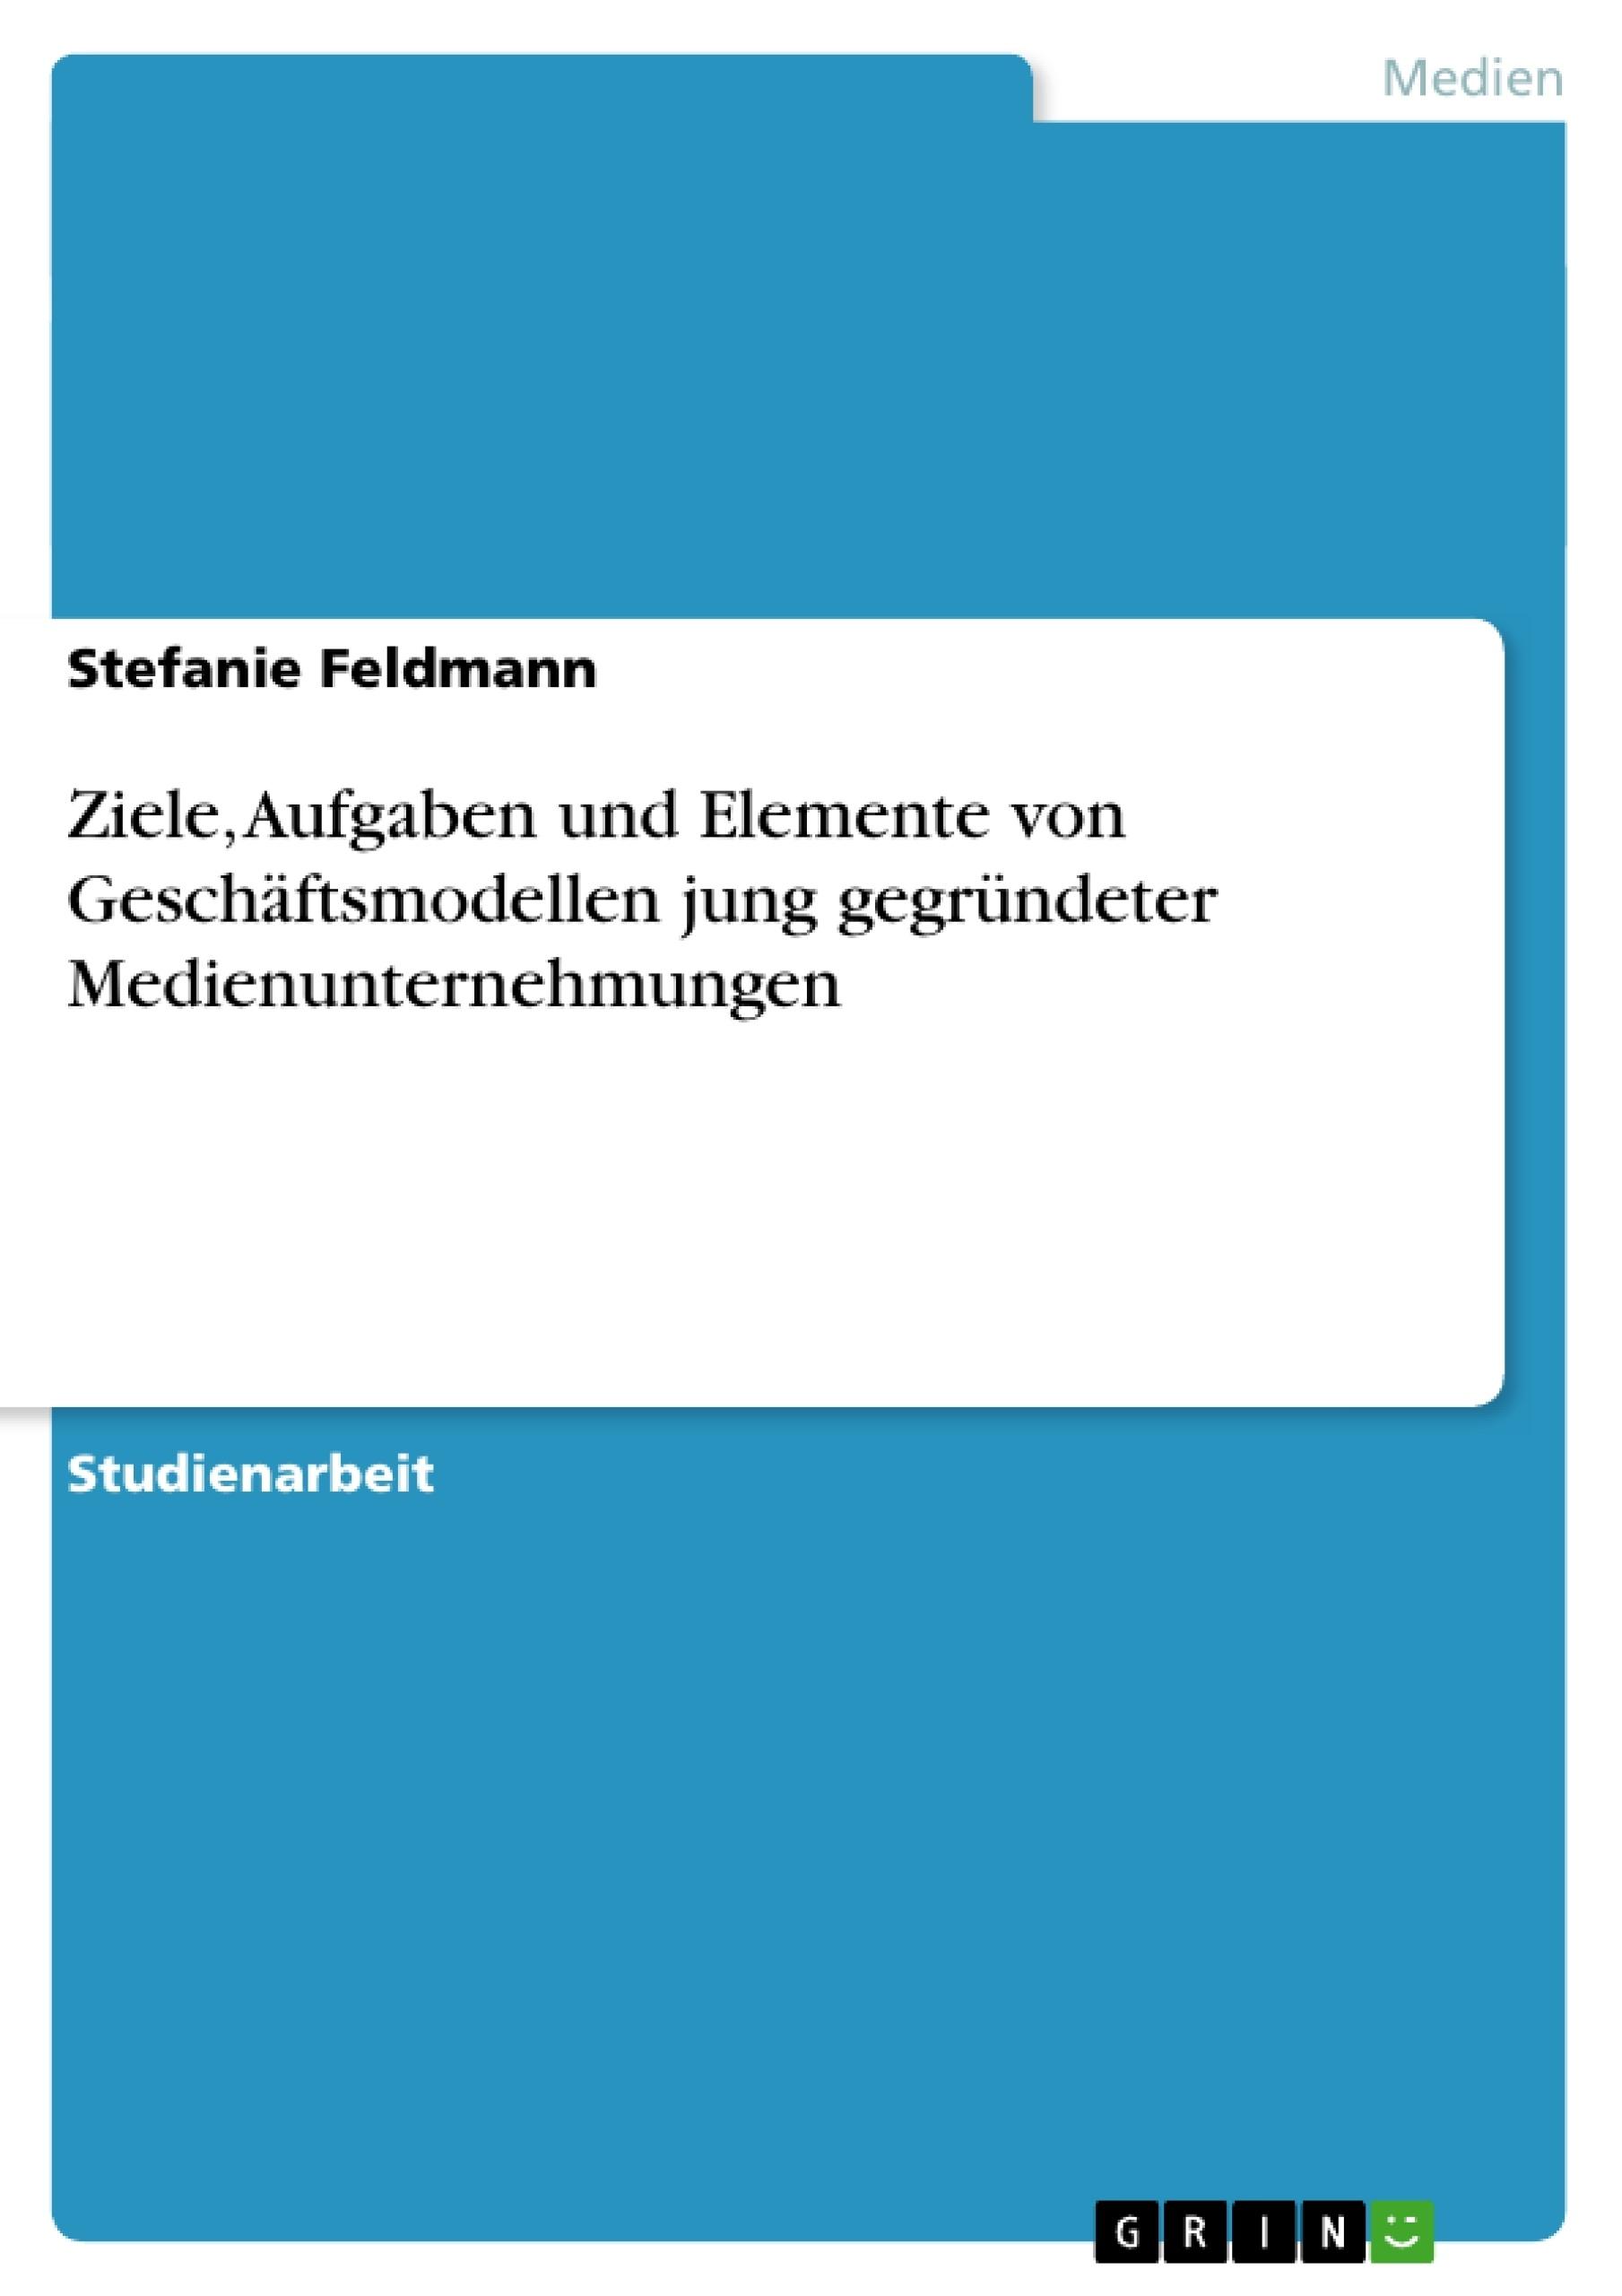 Titel: Ziele, Aufgaben und Elemente von Geschäftsmodellen jung gegründeter Medienunternehmungen